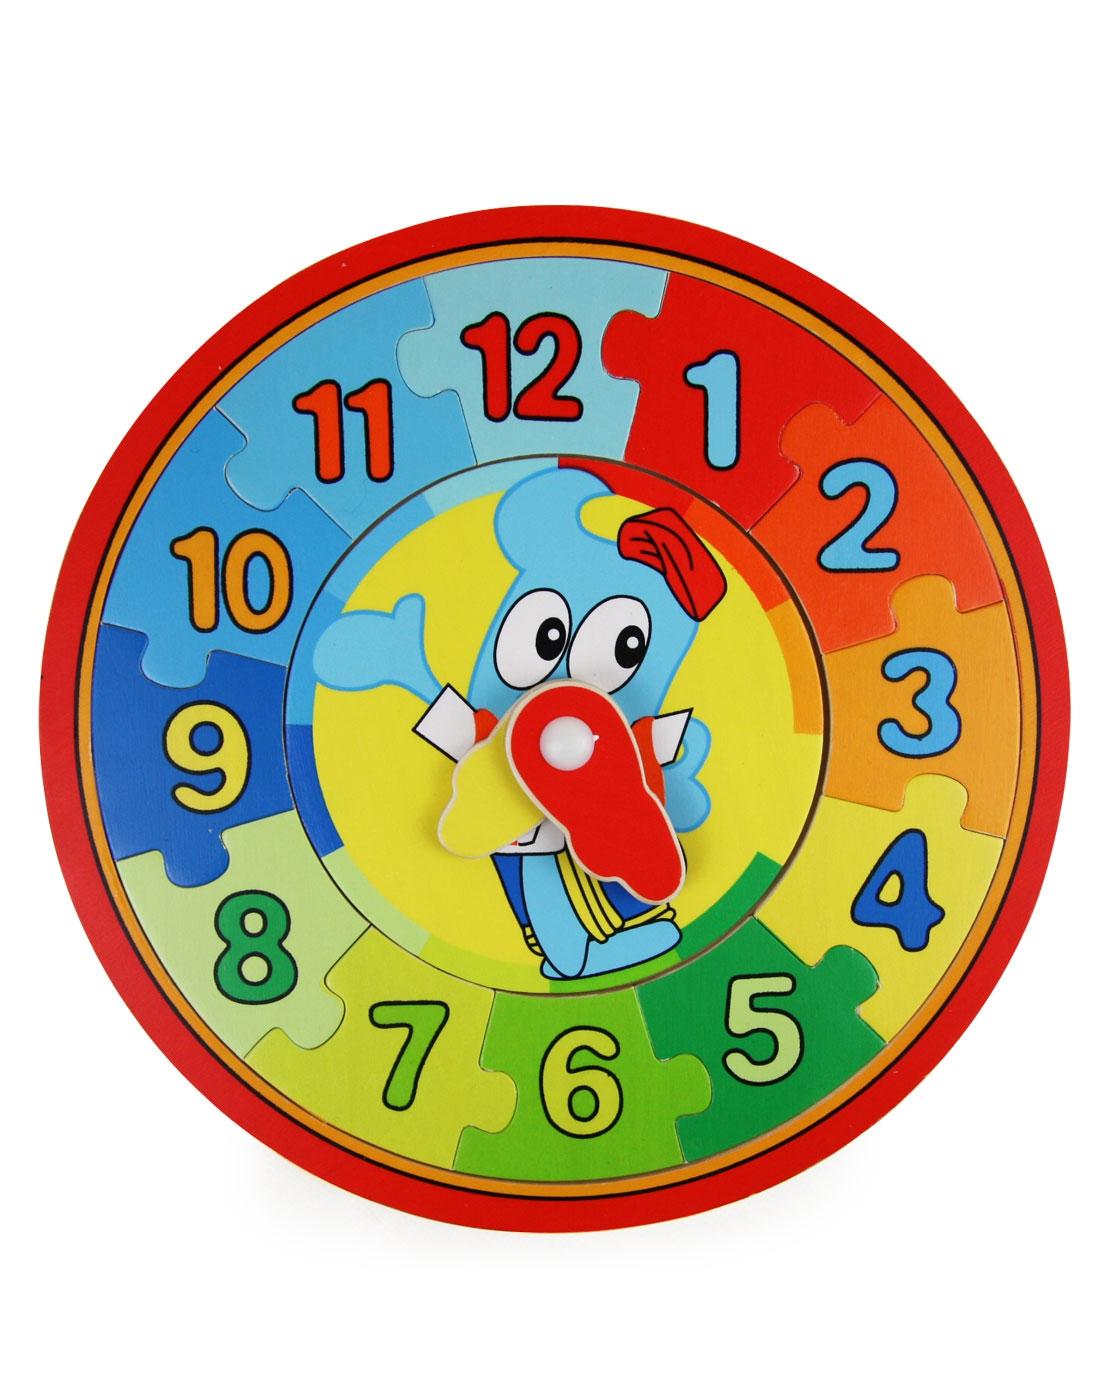 海绵宝宝儿童用品专场智立方世博会海宝时钟拼图玩具p